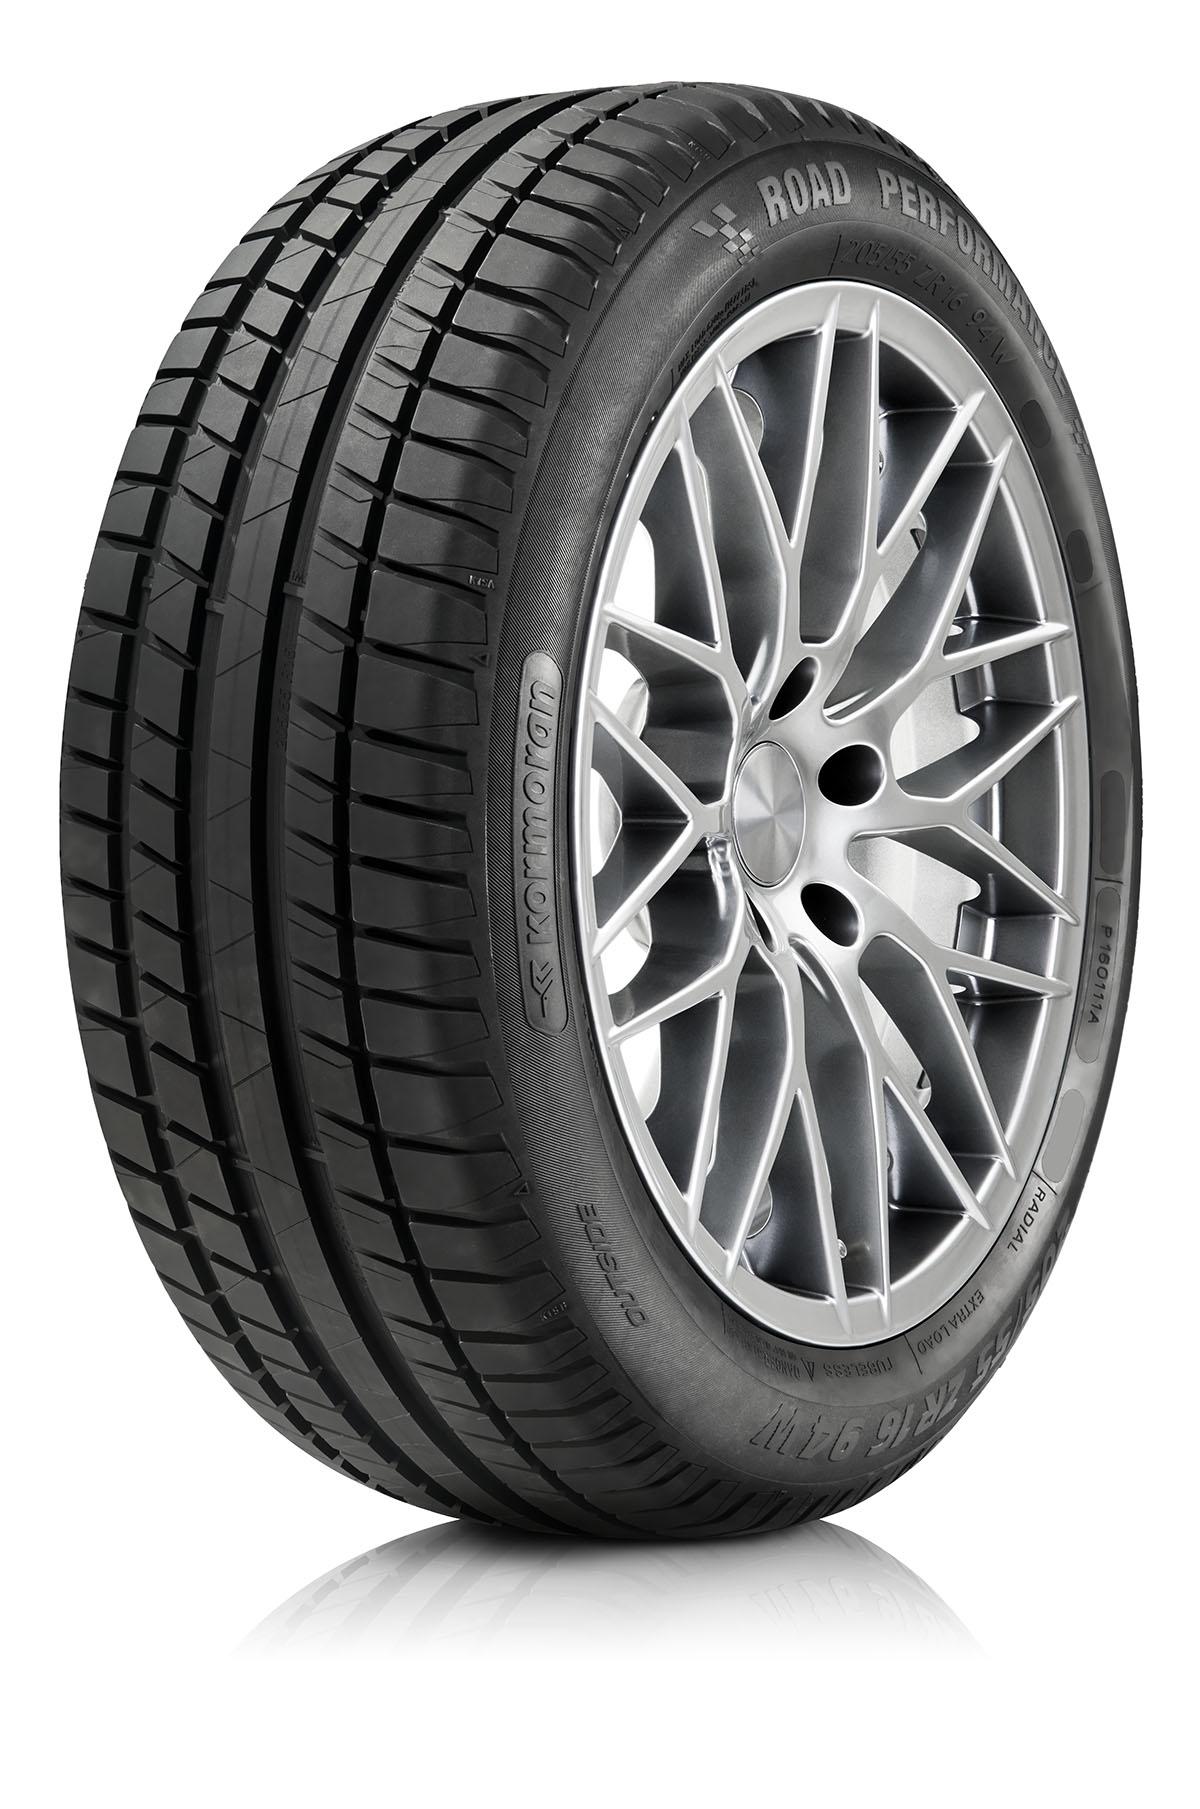 kormoran-road-performance-225-60r1698v